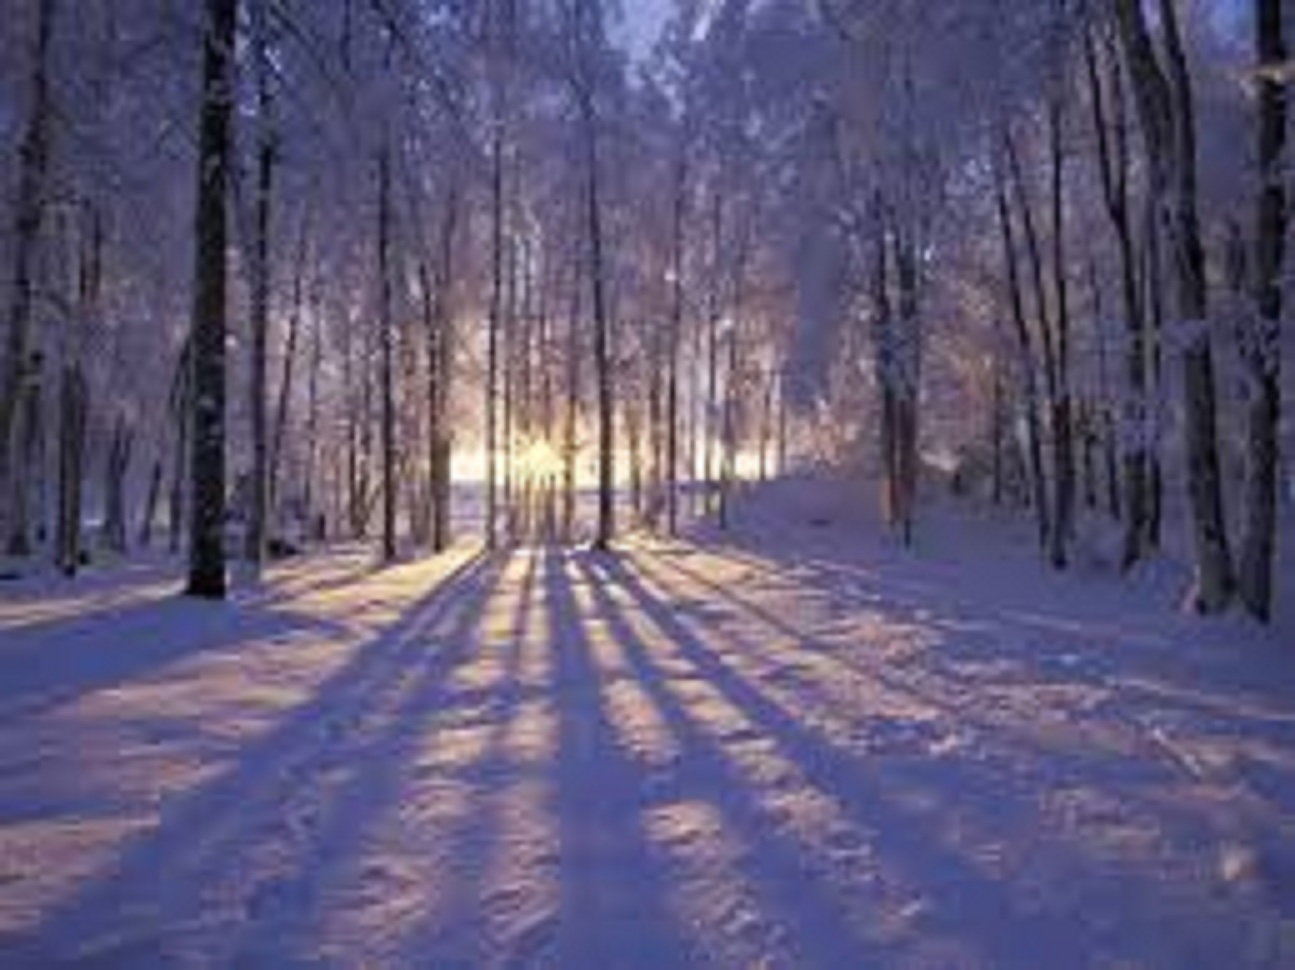 We ♥ winter!